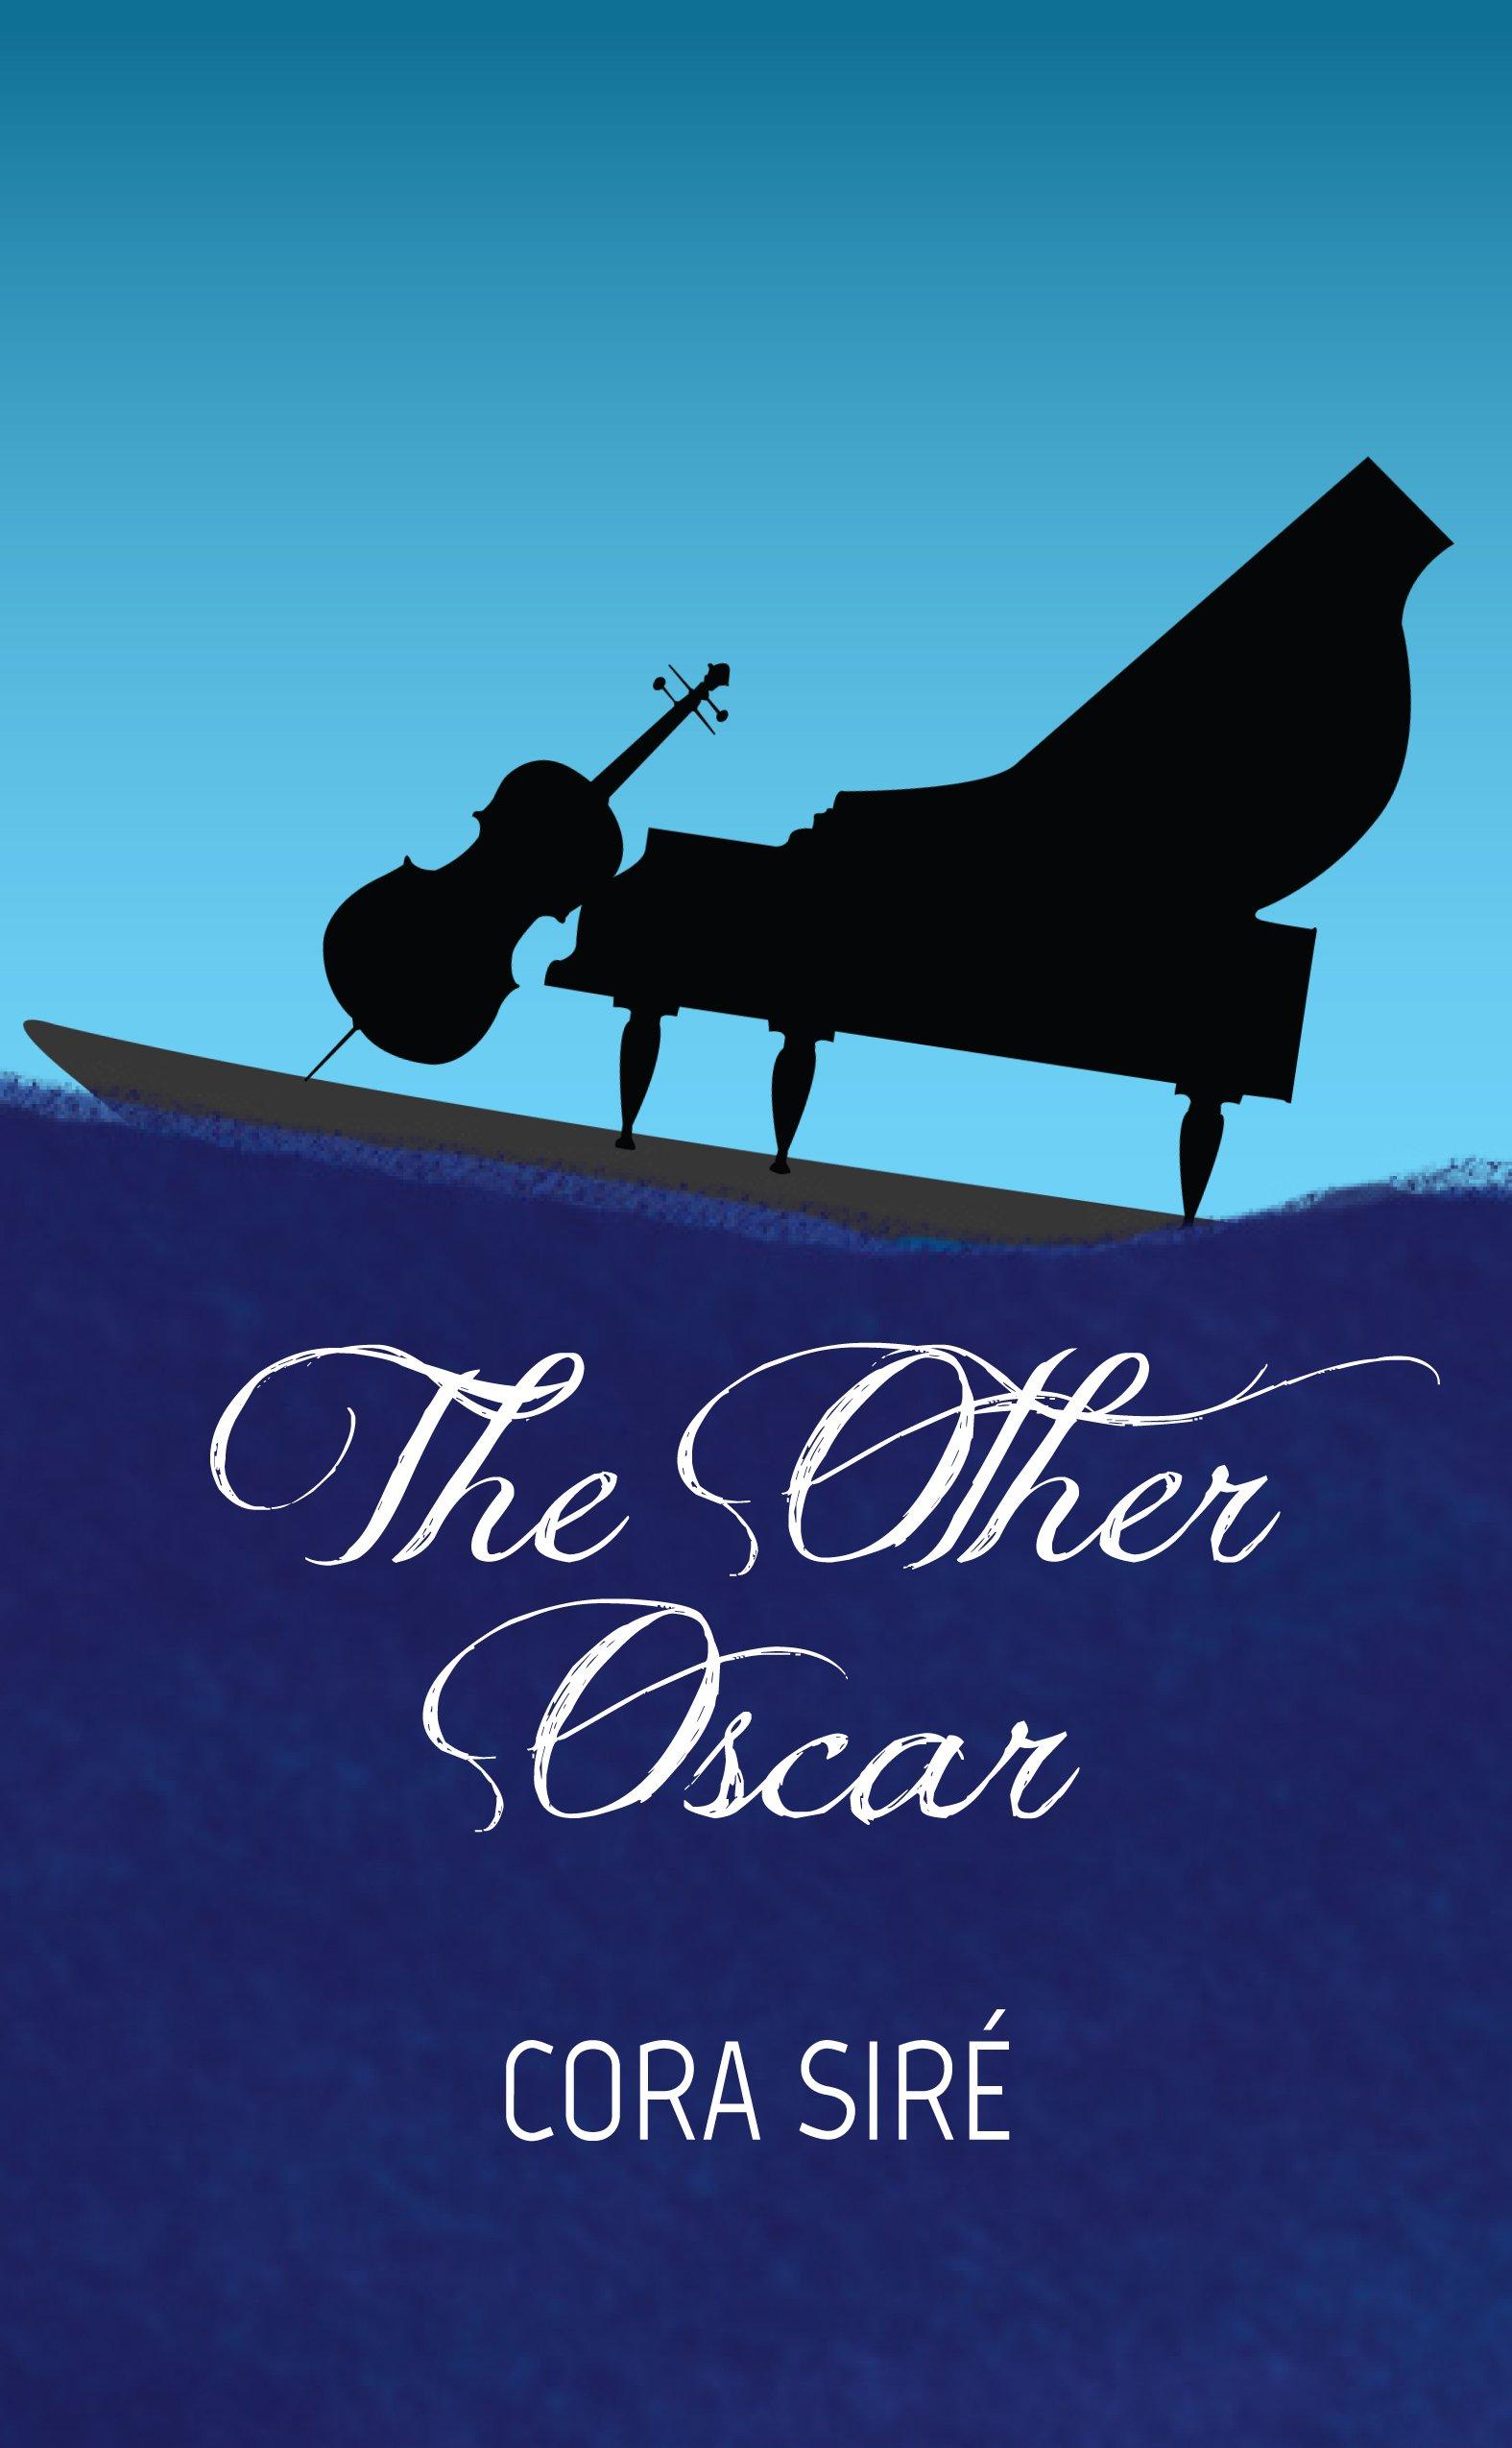 Résultats de recherche d'images pour «the other oscar cora»